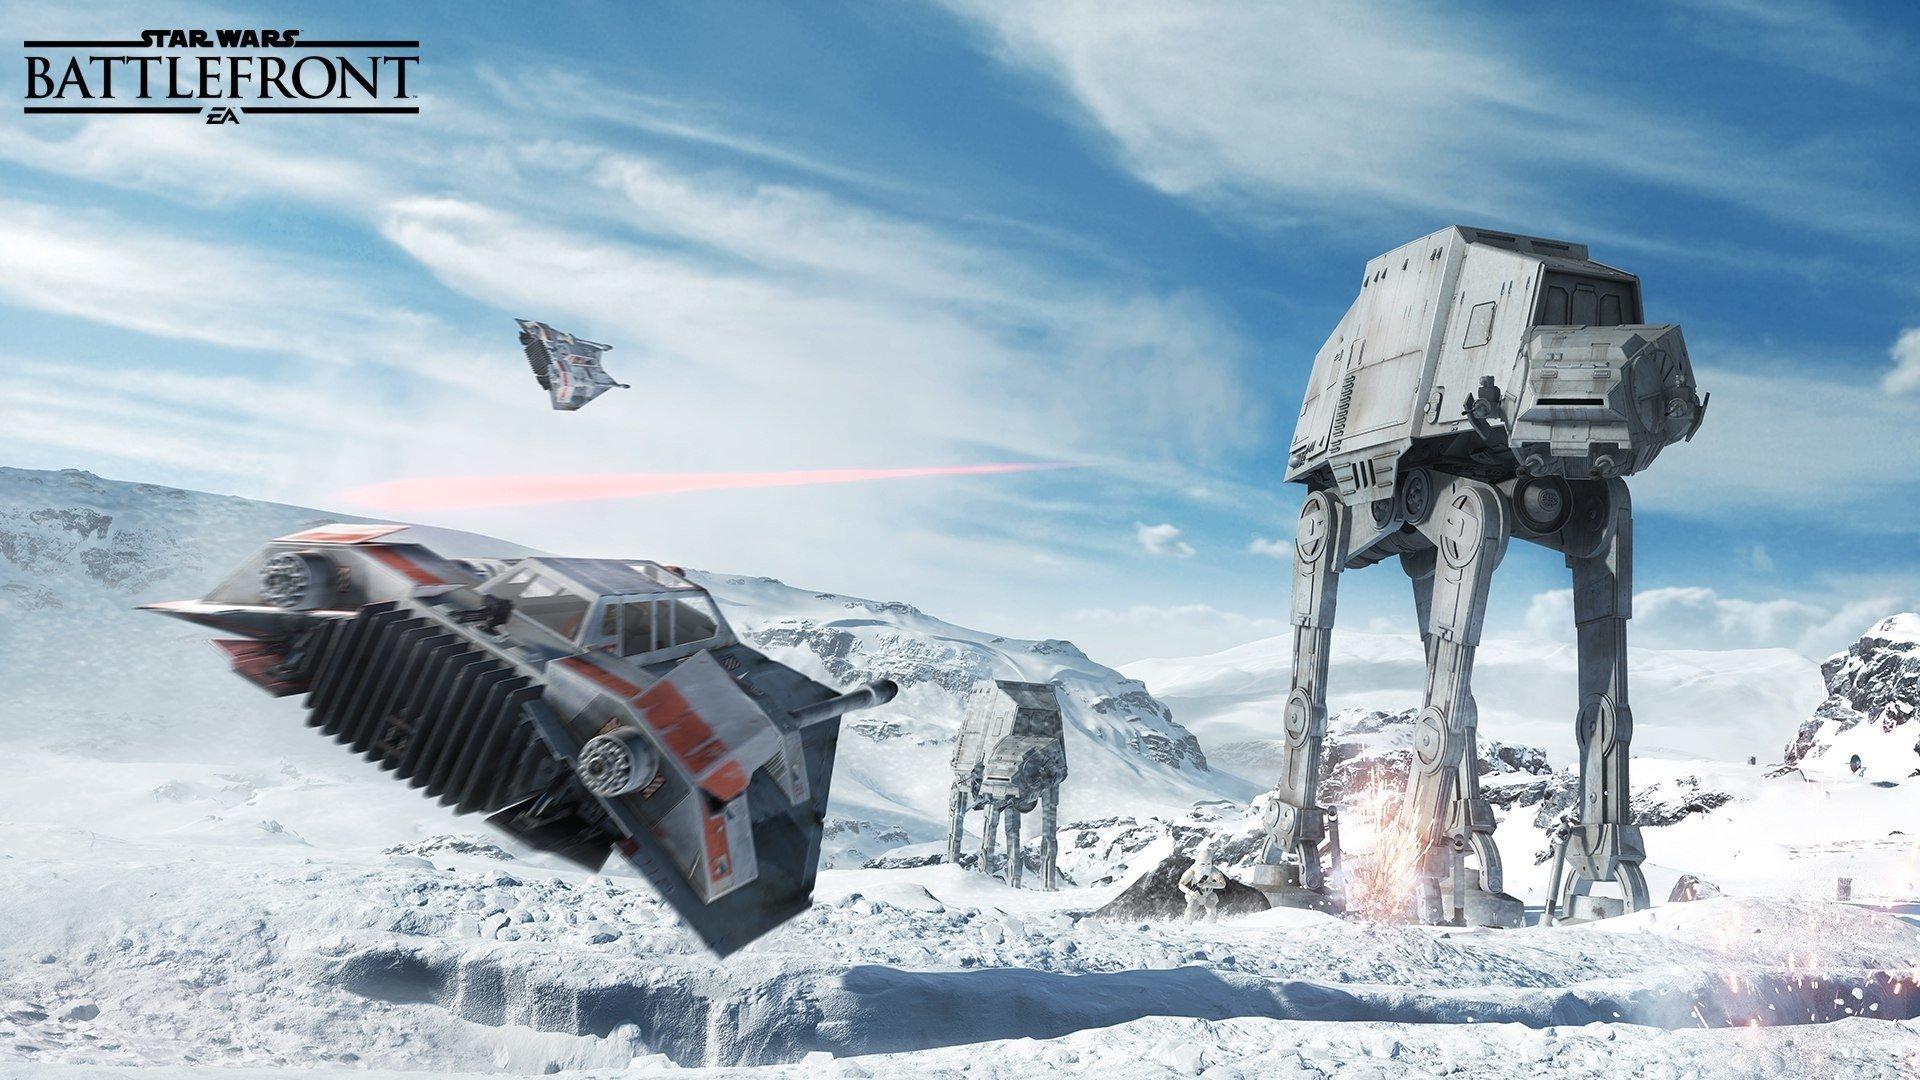 Wallpaper Star Wars Battlefront game